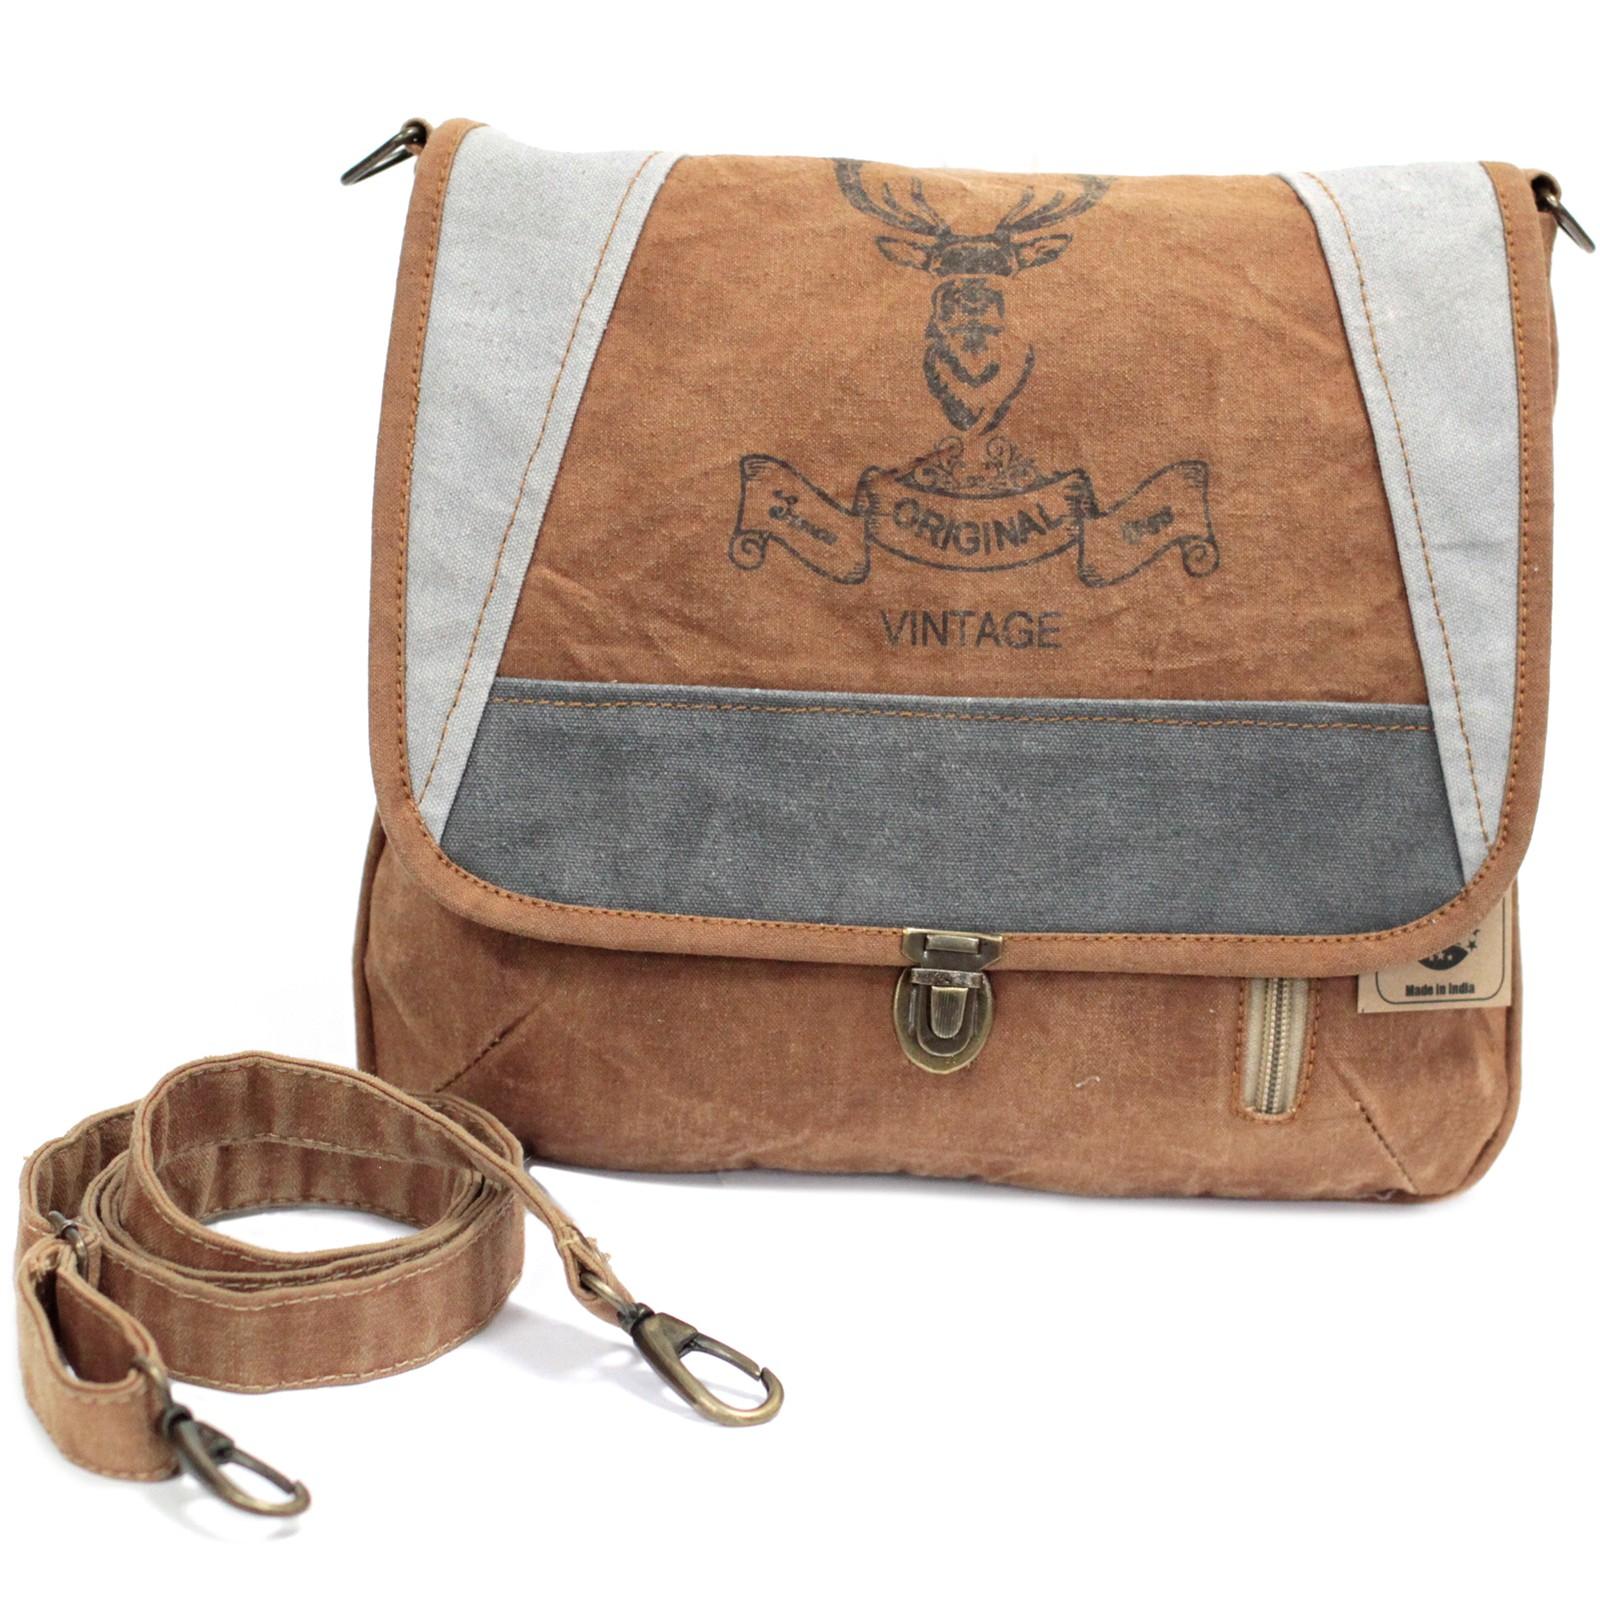 Vintage Bag - Vintage Sling